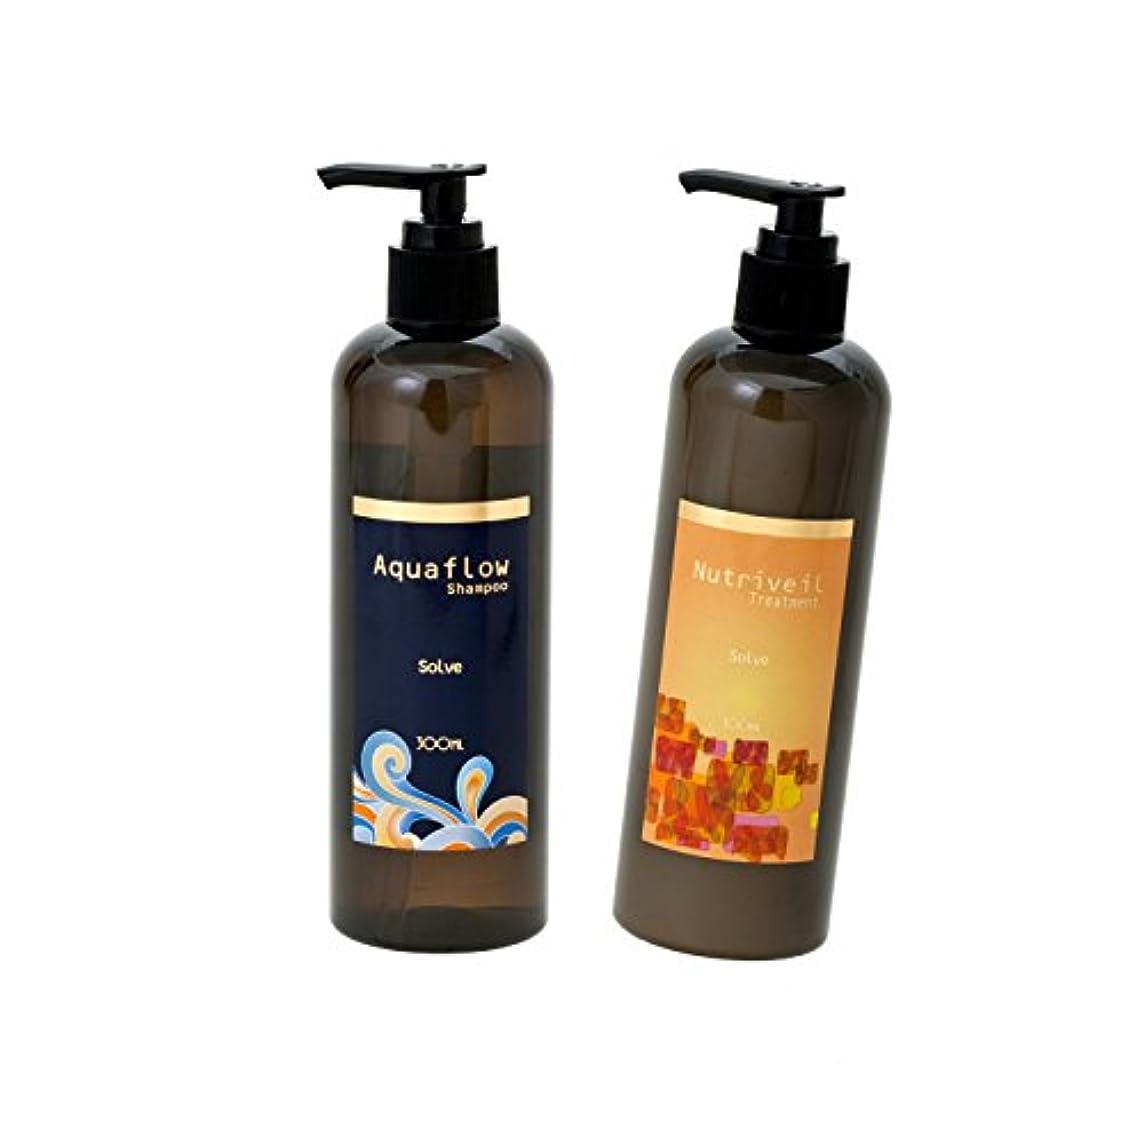 便宜重さ後継縮毛矯正した髪を栄養そのもので洗うsolve|ソルブシャンプー「Aquaflow_アクアフロー」ソルブトリートメント「Nutriveil_ニュートリヴェール」セット|カラーの繰り返しで大きくダメージした髪のケアにも。 (...